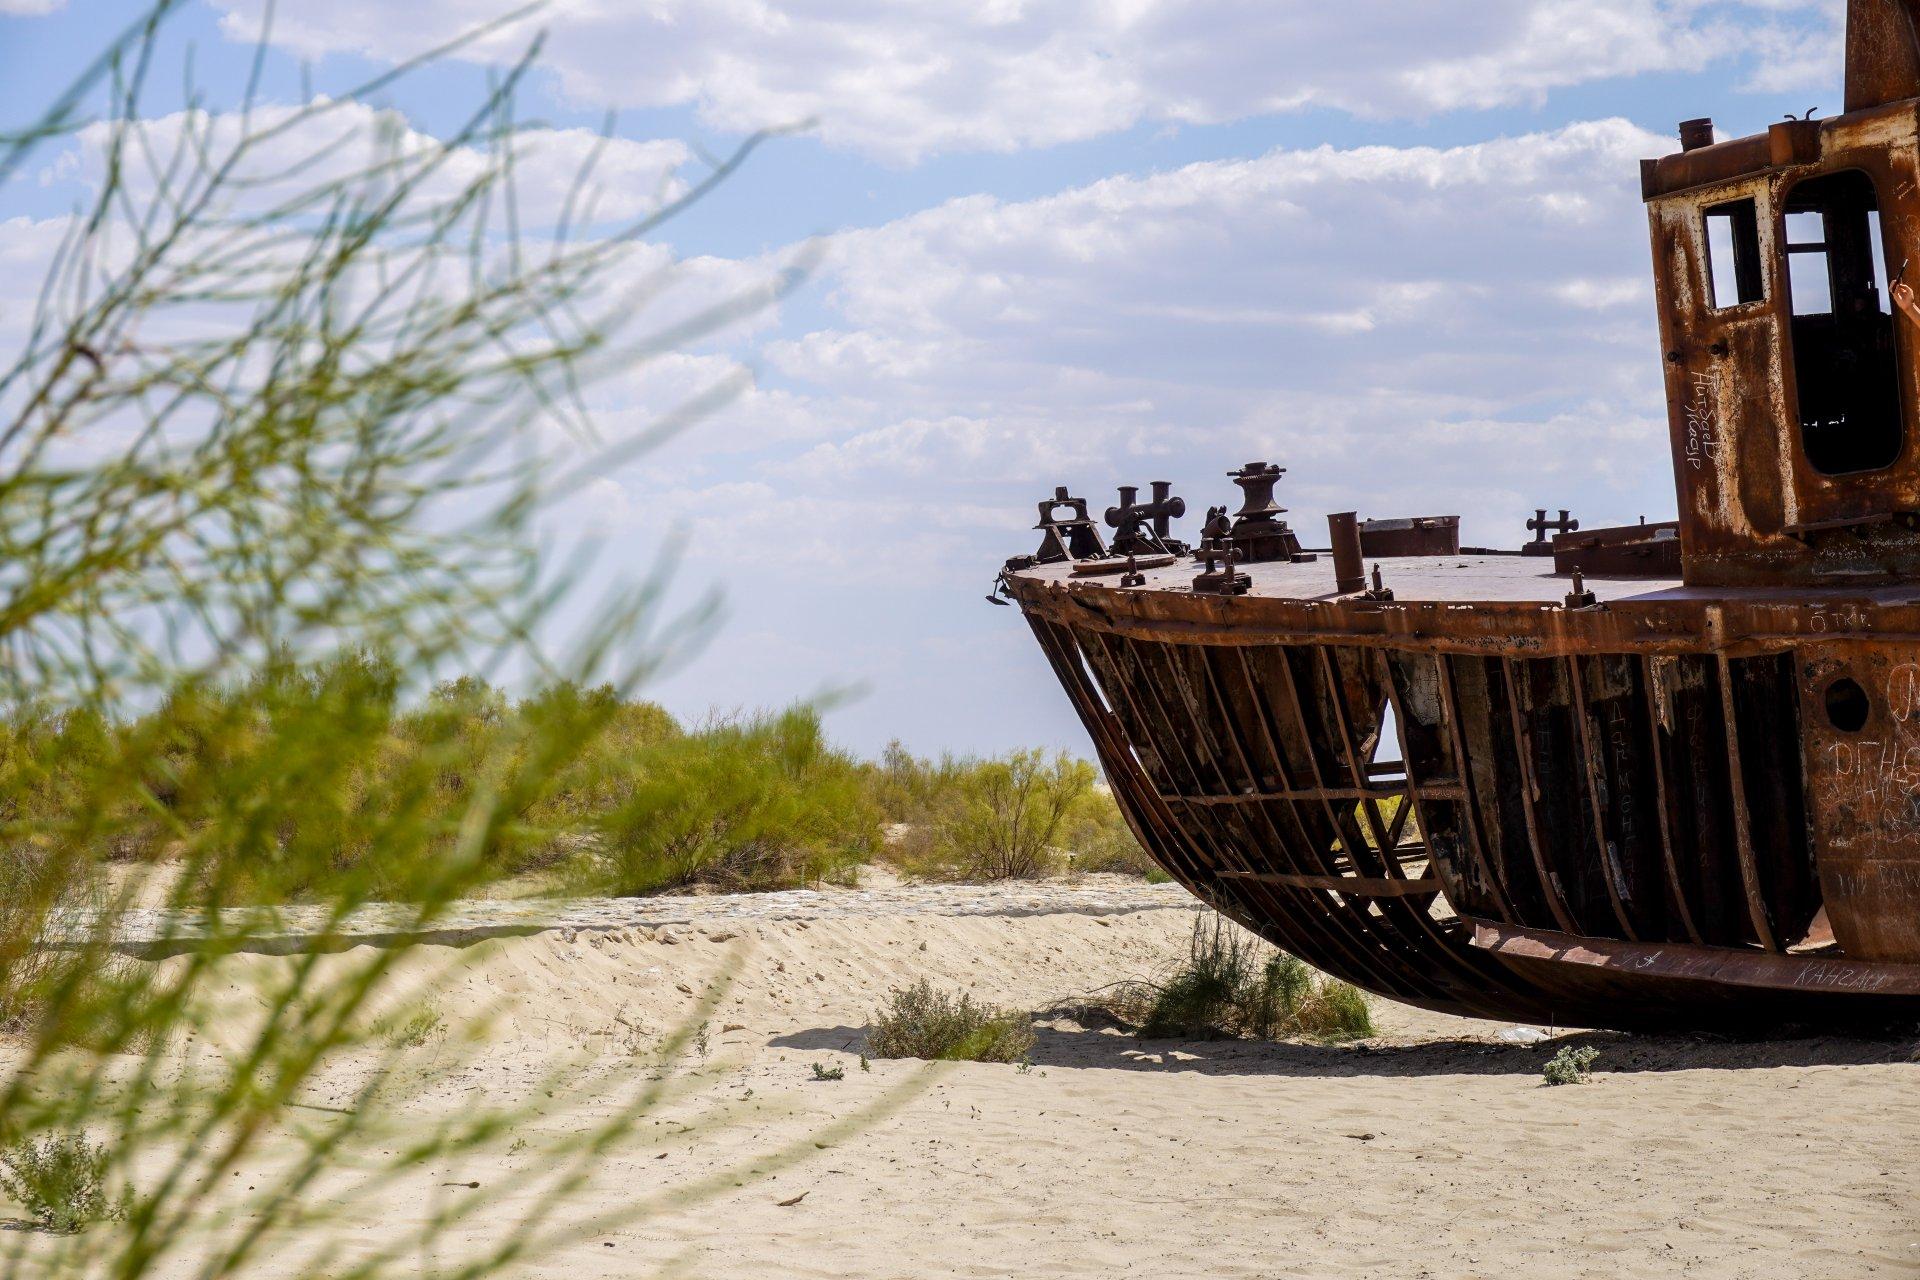 Moynaq bij het Aralmeer in Oezbekistan